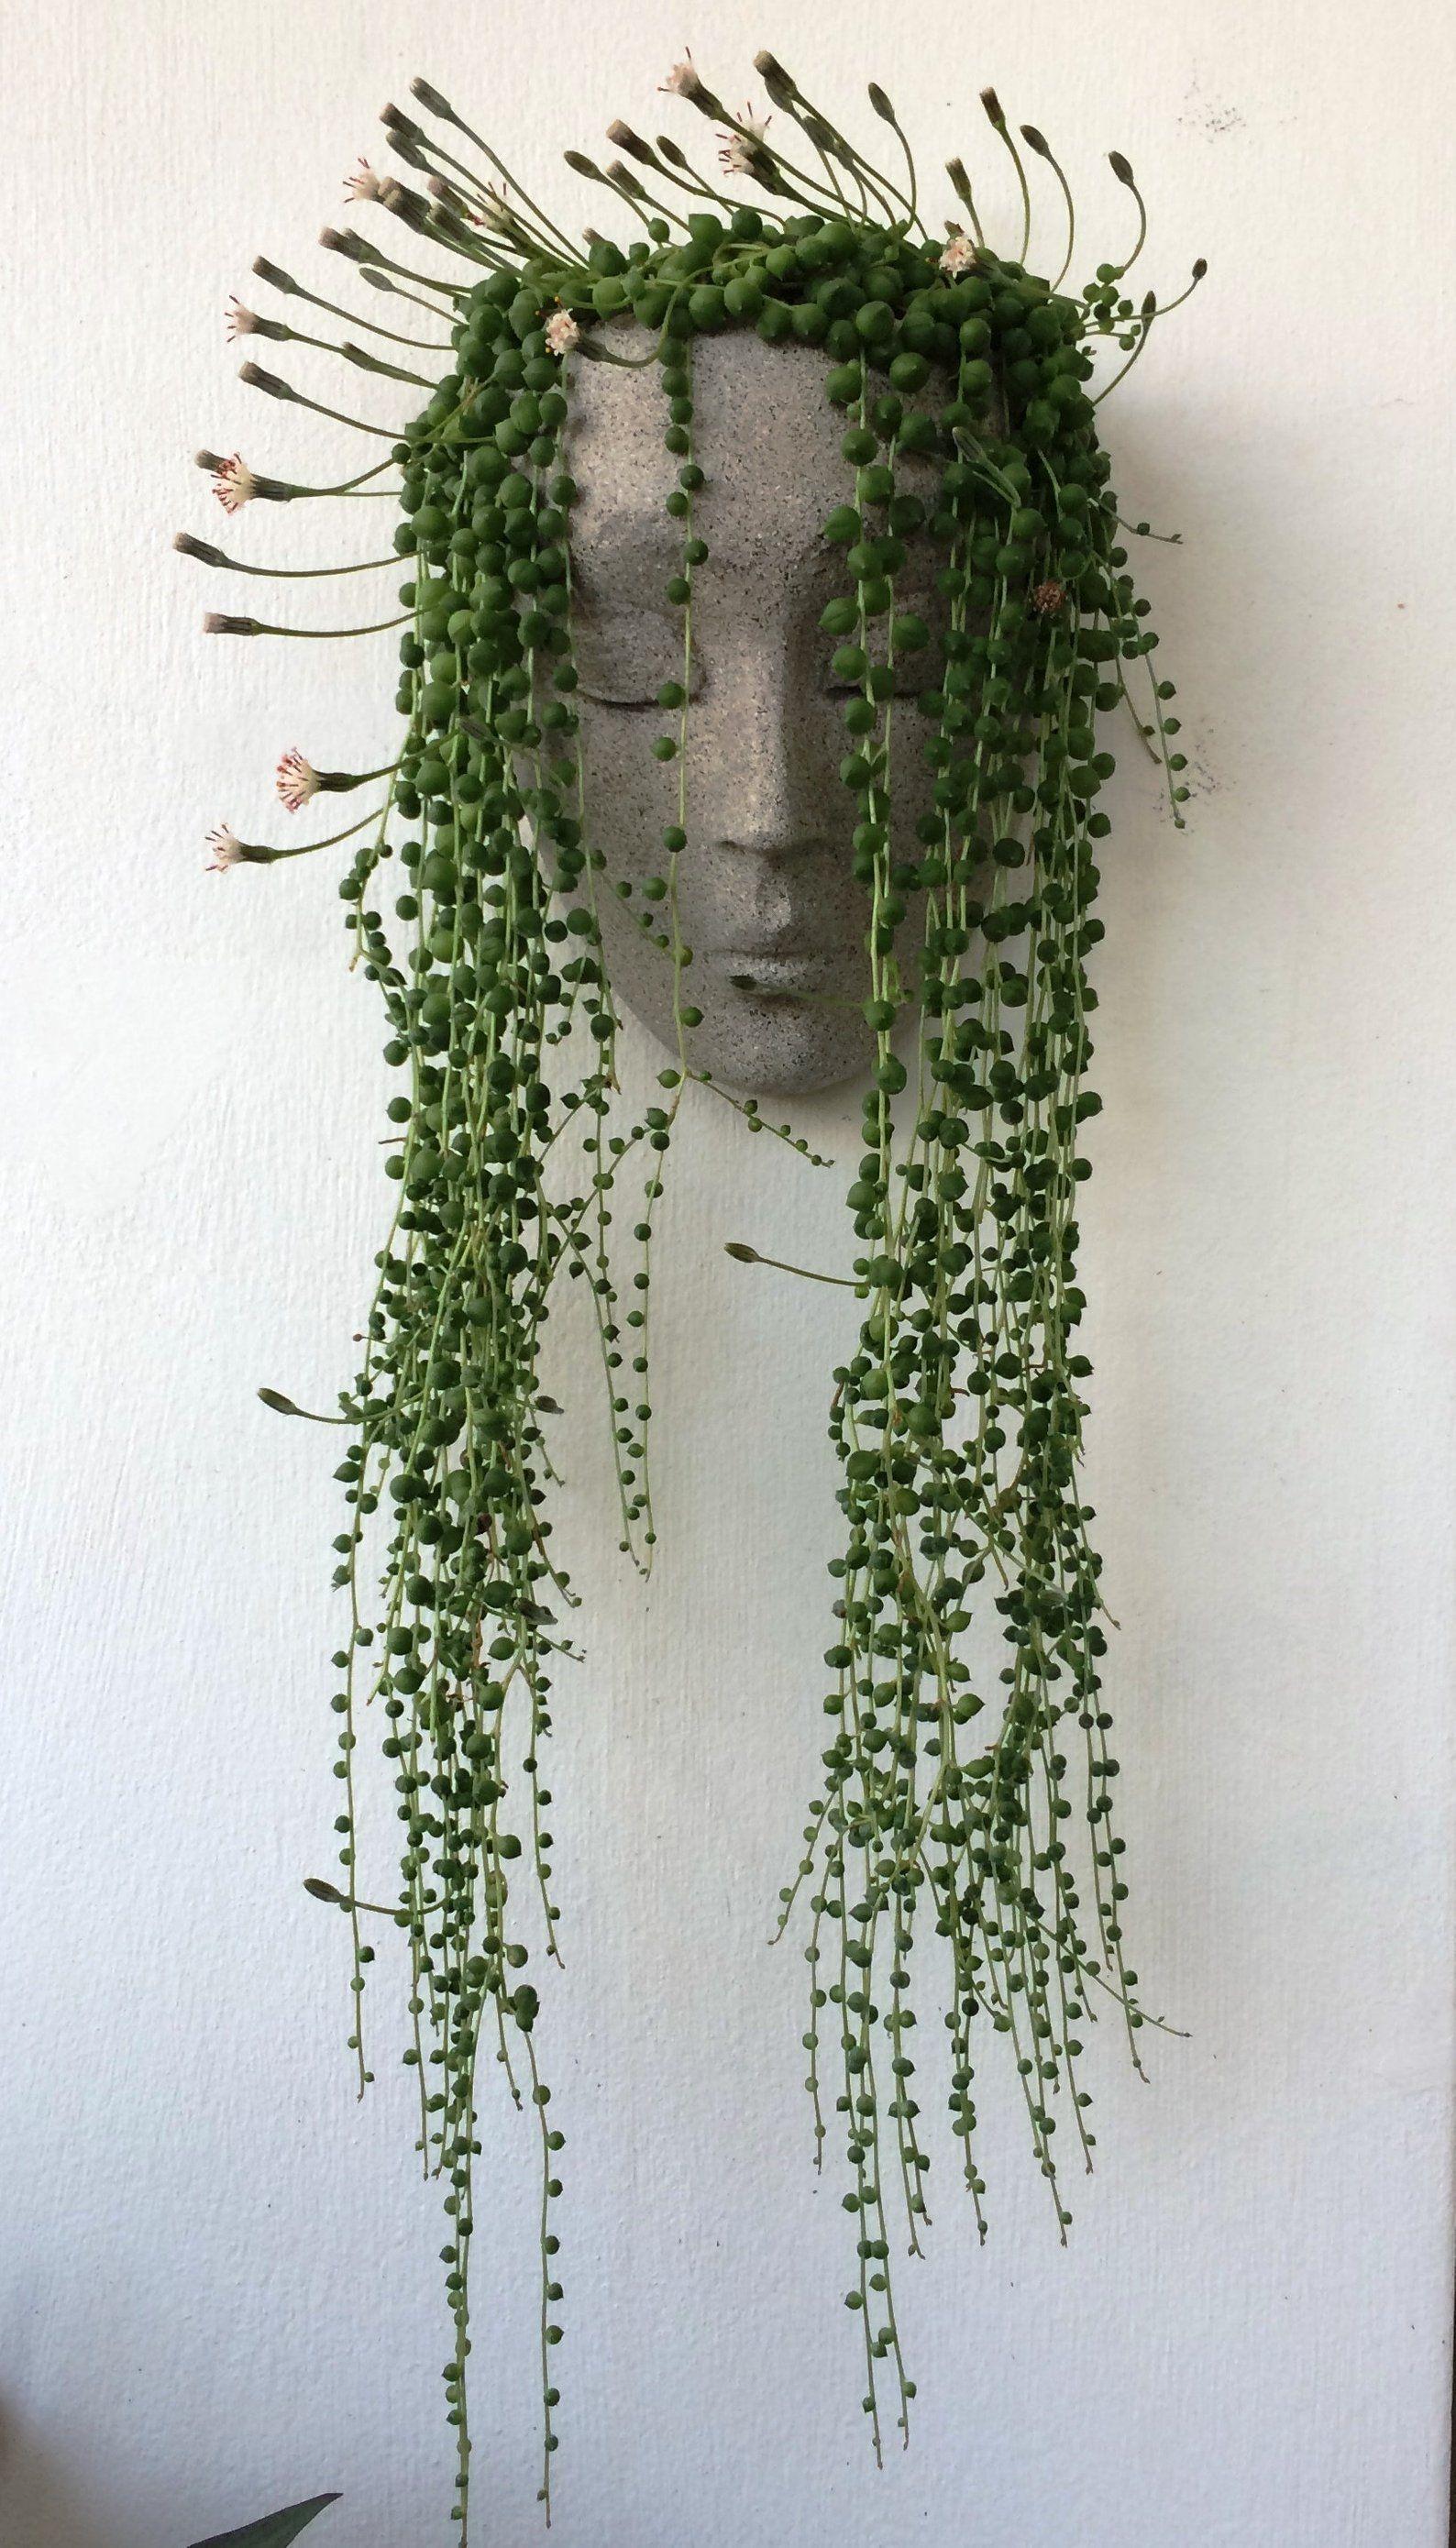 Head Planter Wall Pots For Plants Face Planter Concrete Etsy Succulent Wall Planter Face Planters Garden Wall Decor